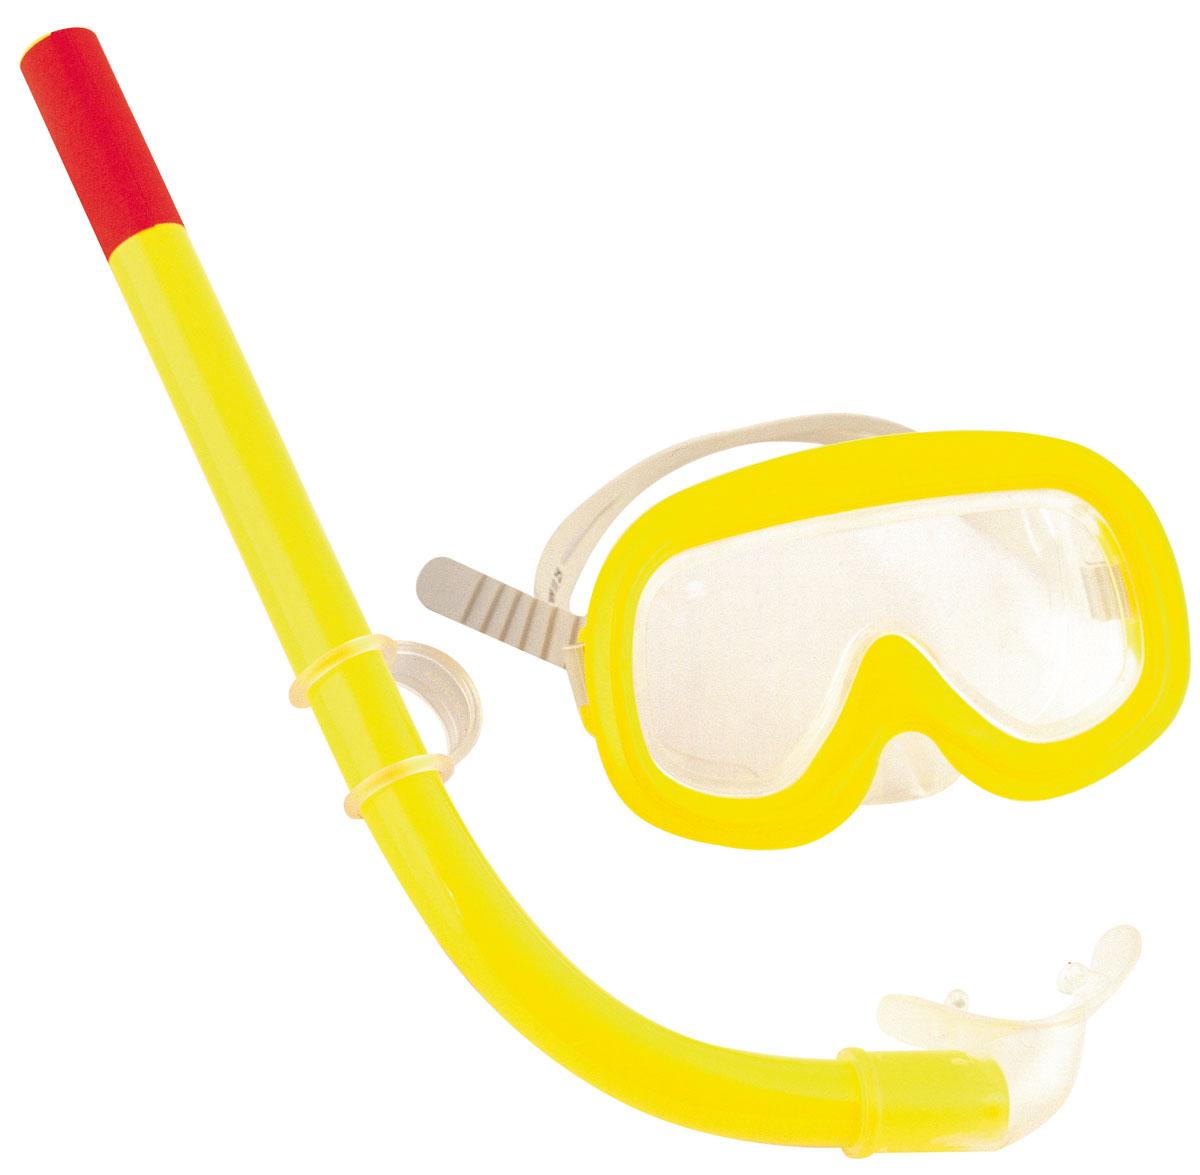 Детский набор для ныряния Bestway Sun. 2400624006Детский набор для ныряния Bestway Sun предназначен для малышей в возрасте от 3 до 6 лет. В комплект входит удобная маска, обеспечивающая хороший обзор и прочное крепление, и трубка со специальным стандартным изгибом, надежно предотвращающая попадание воды. С таким набором вы можете быть спокойны за безопасность ребенка, изучающего подводный мир. Гарантией качества, удобства и прочности этого набора является его известный производитель Bestway. Этот бренд, появившийся еще в 1993 году, зарекомендовал себя на рынке как изготовитель первоклассных изделий для активного отдыха.